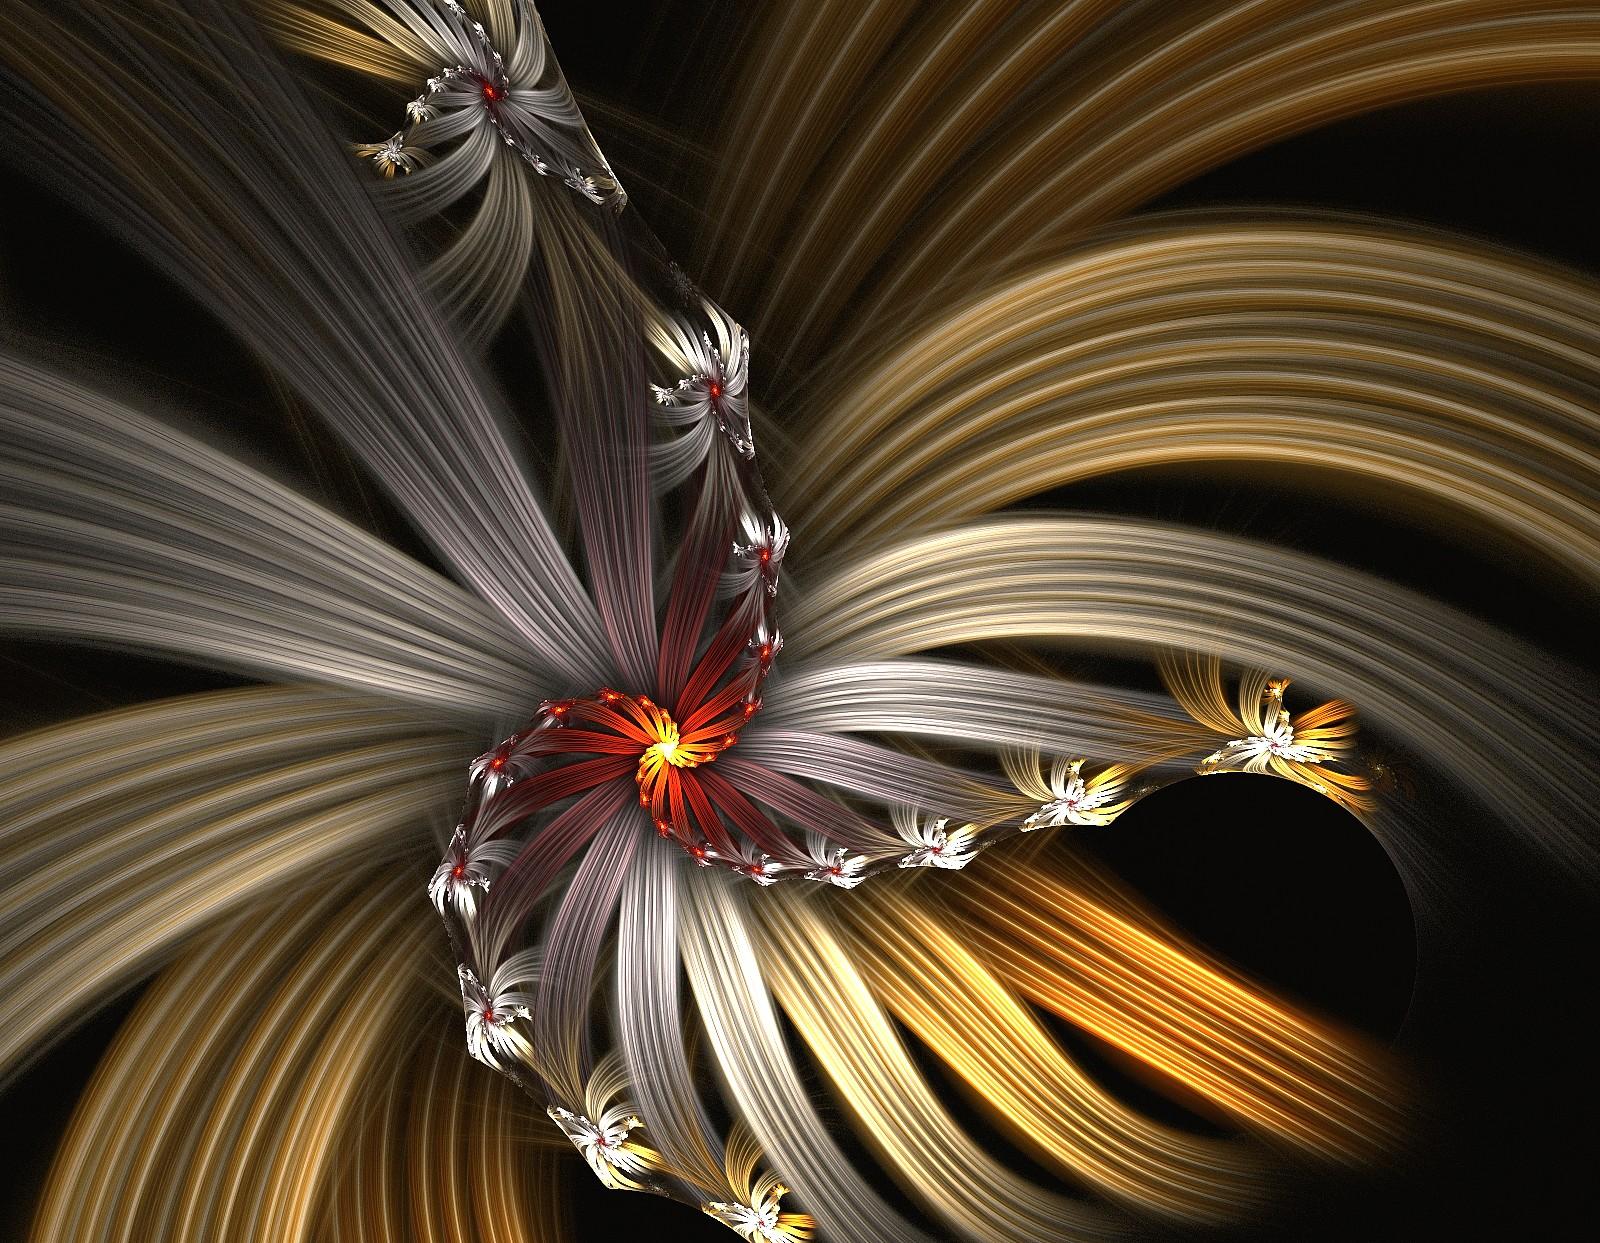 Golden Flower by eReSaW